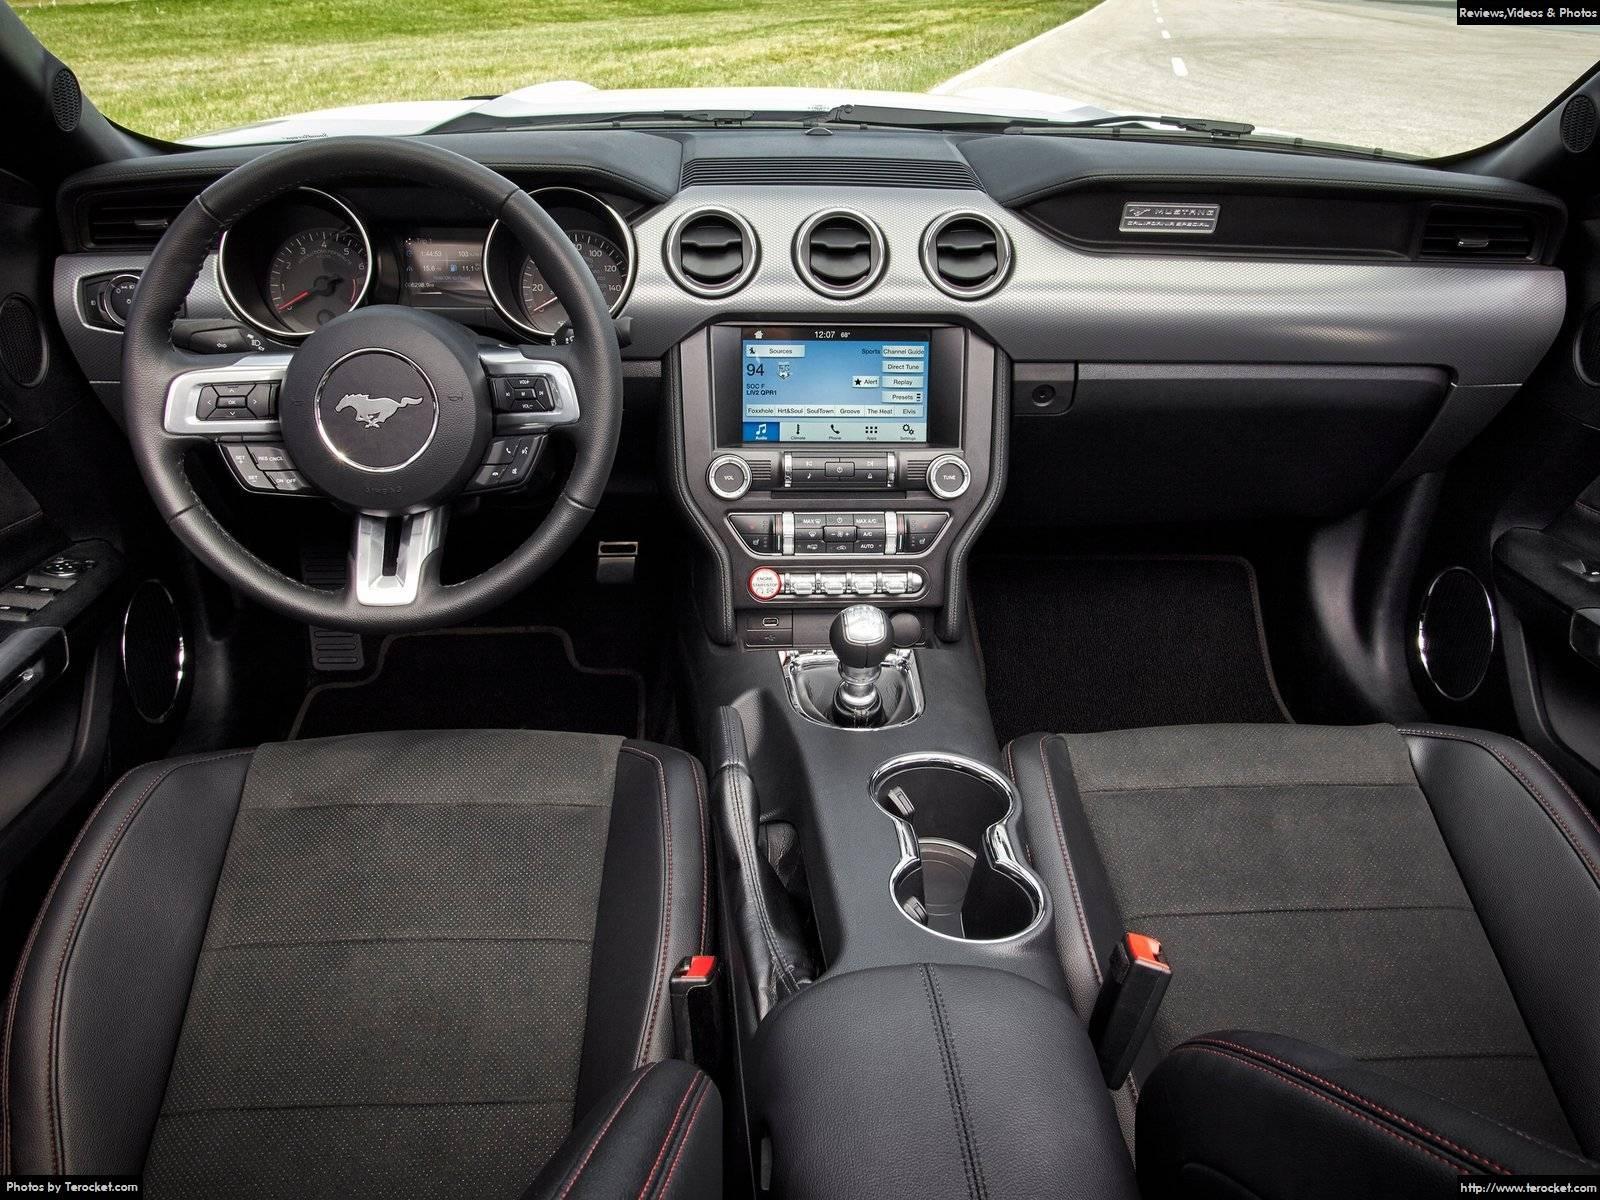 Hình ảnh xe ô tô Ford Mustang 2016 & nội ngoại thất